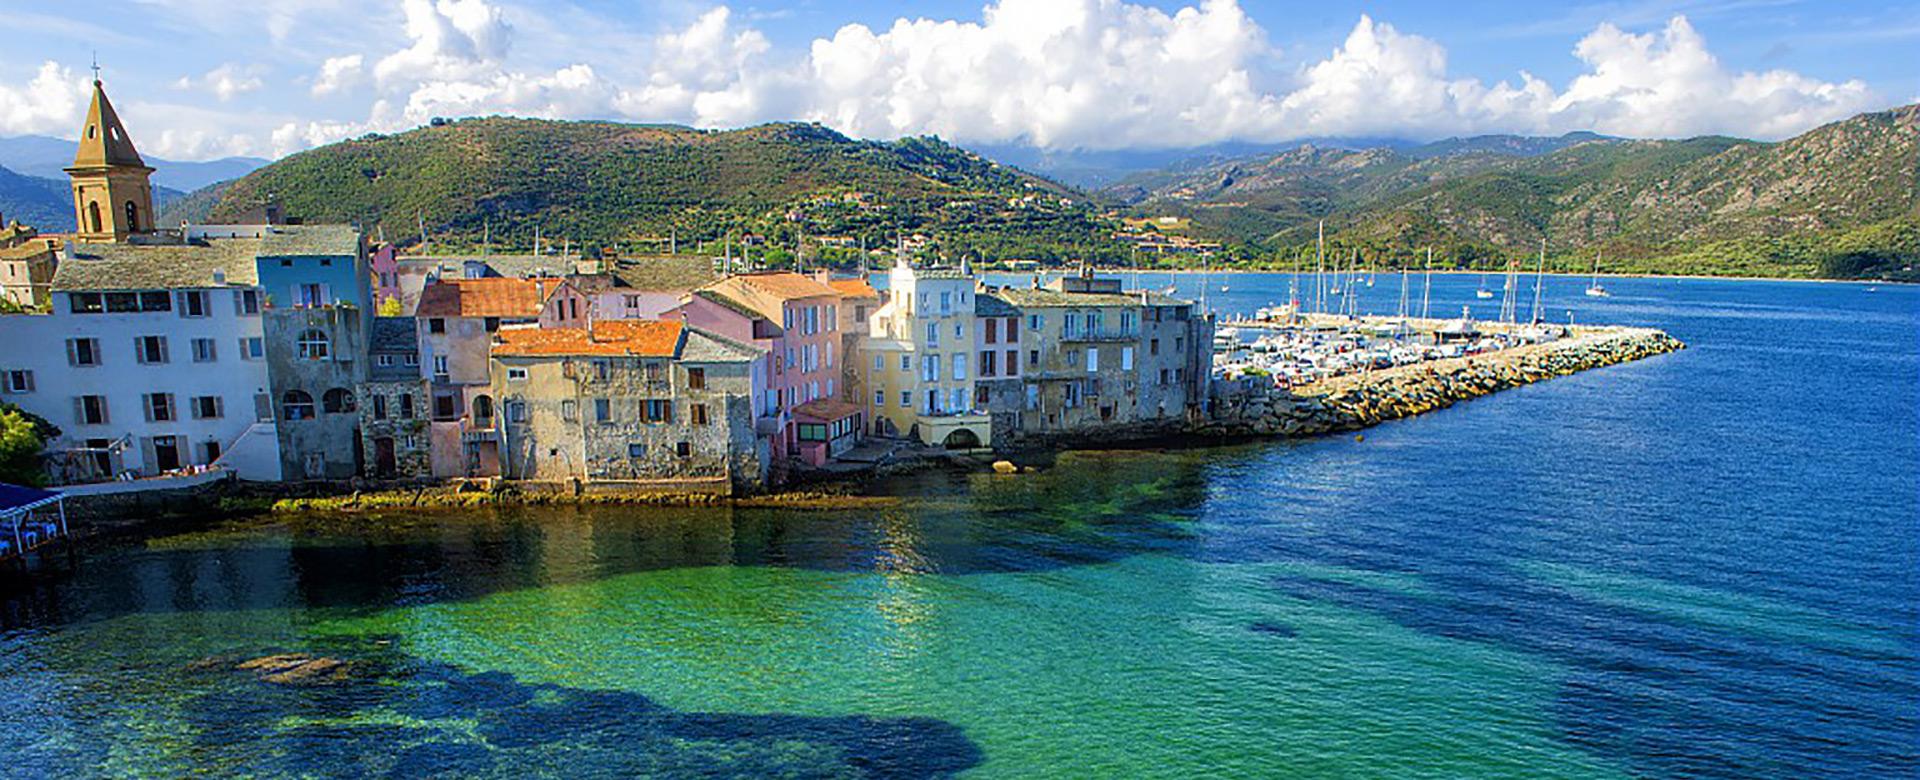 Corsica Saint Florent